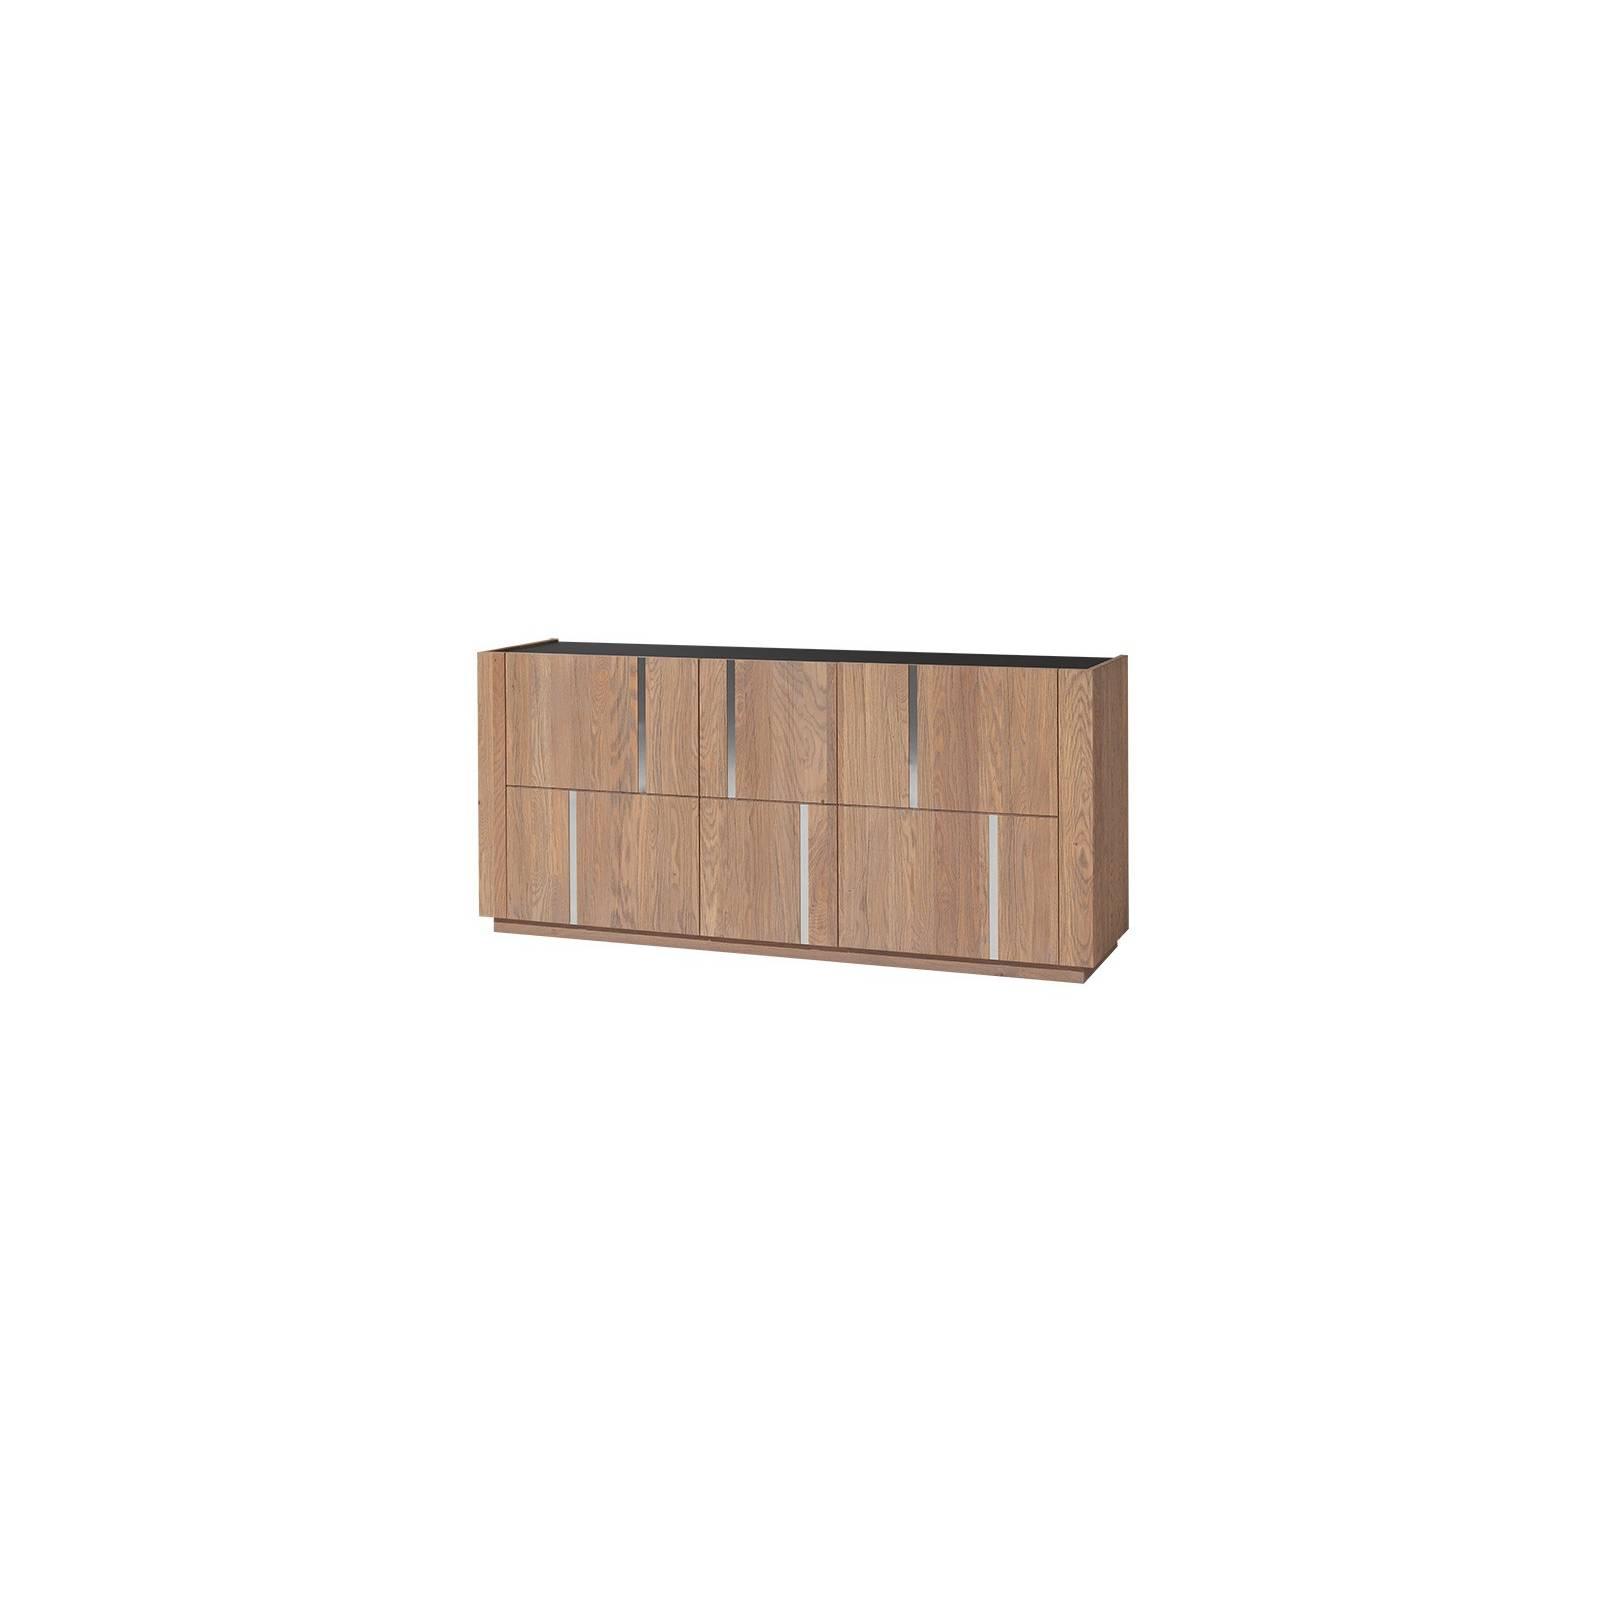 Buffet Petit Modèle Bas Capri Chêne - meuble chêne massif